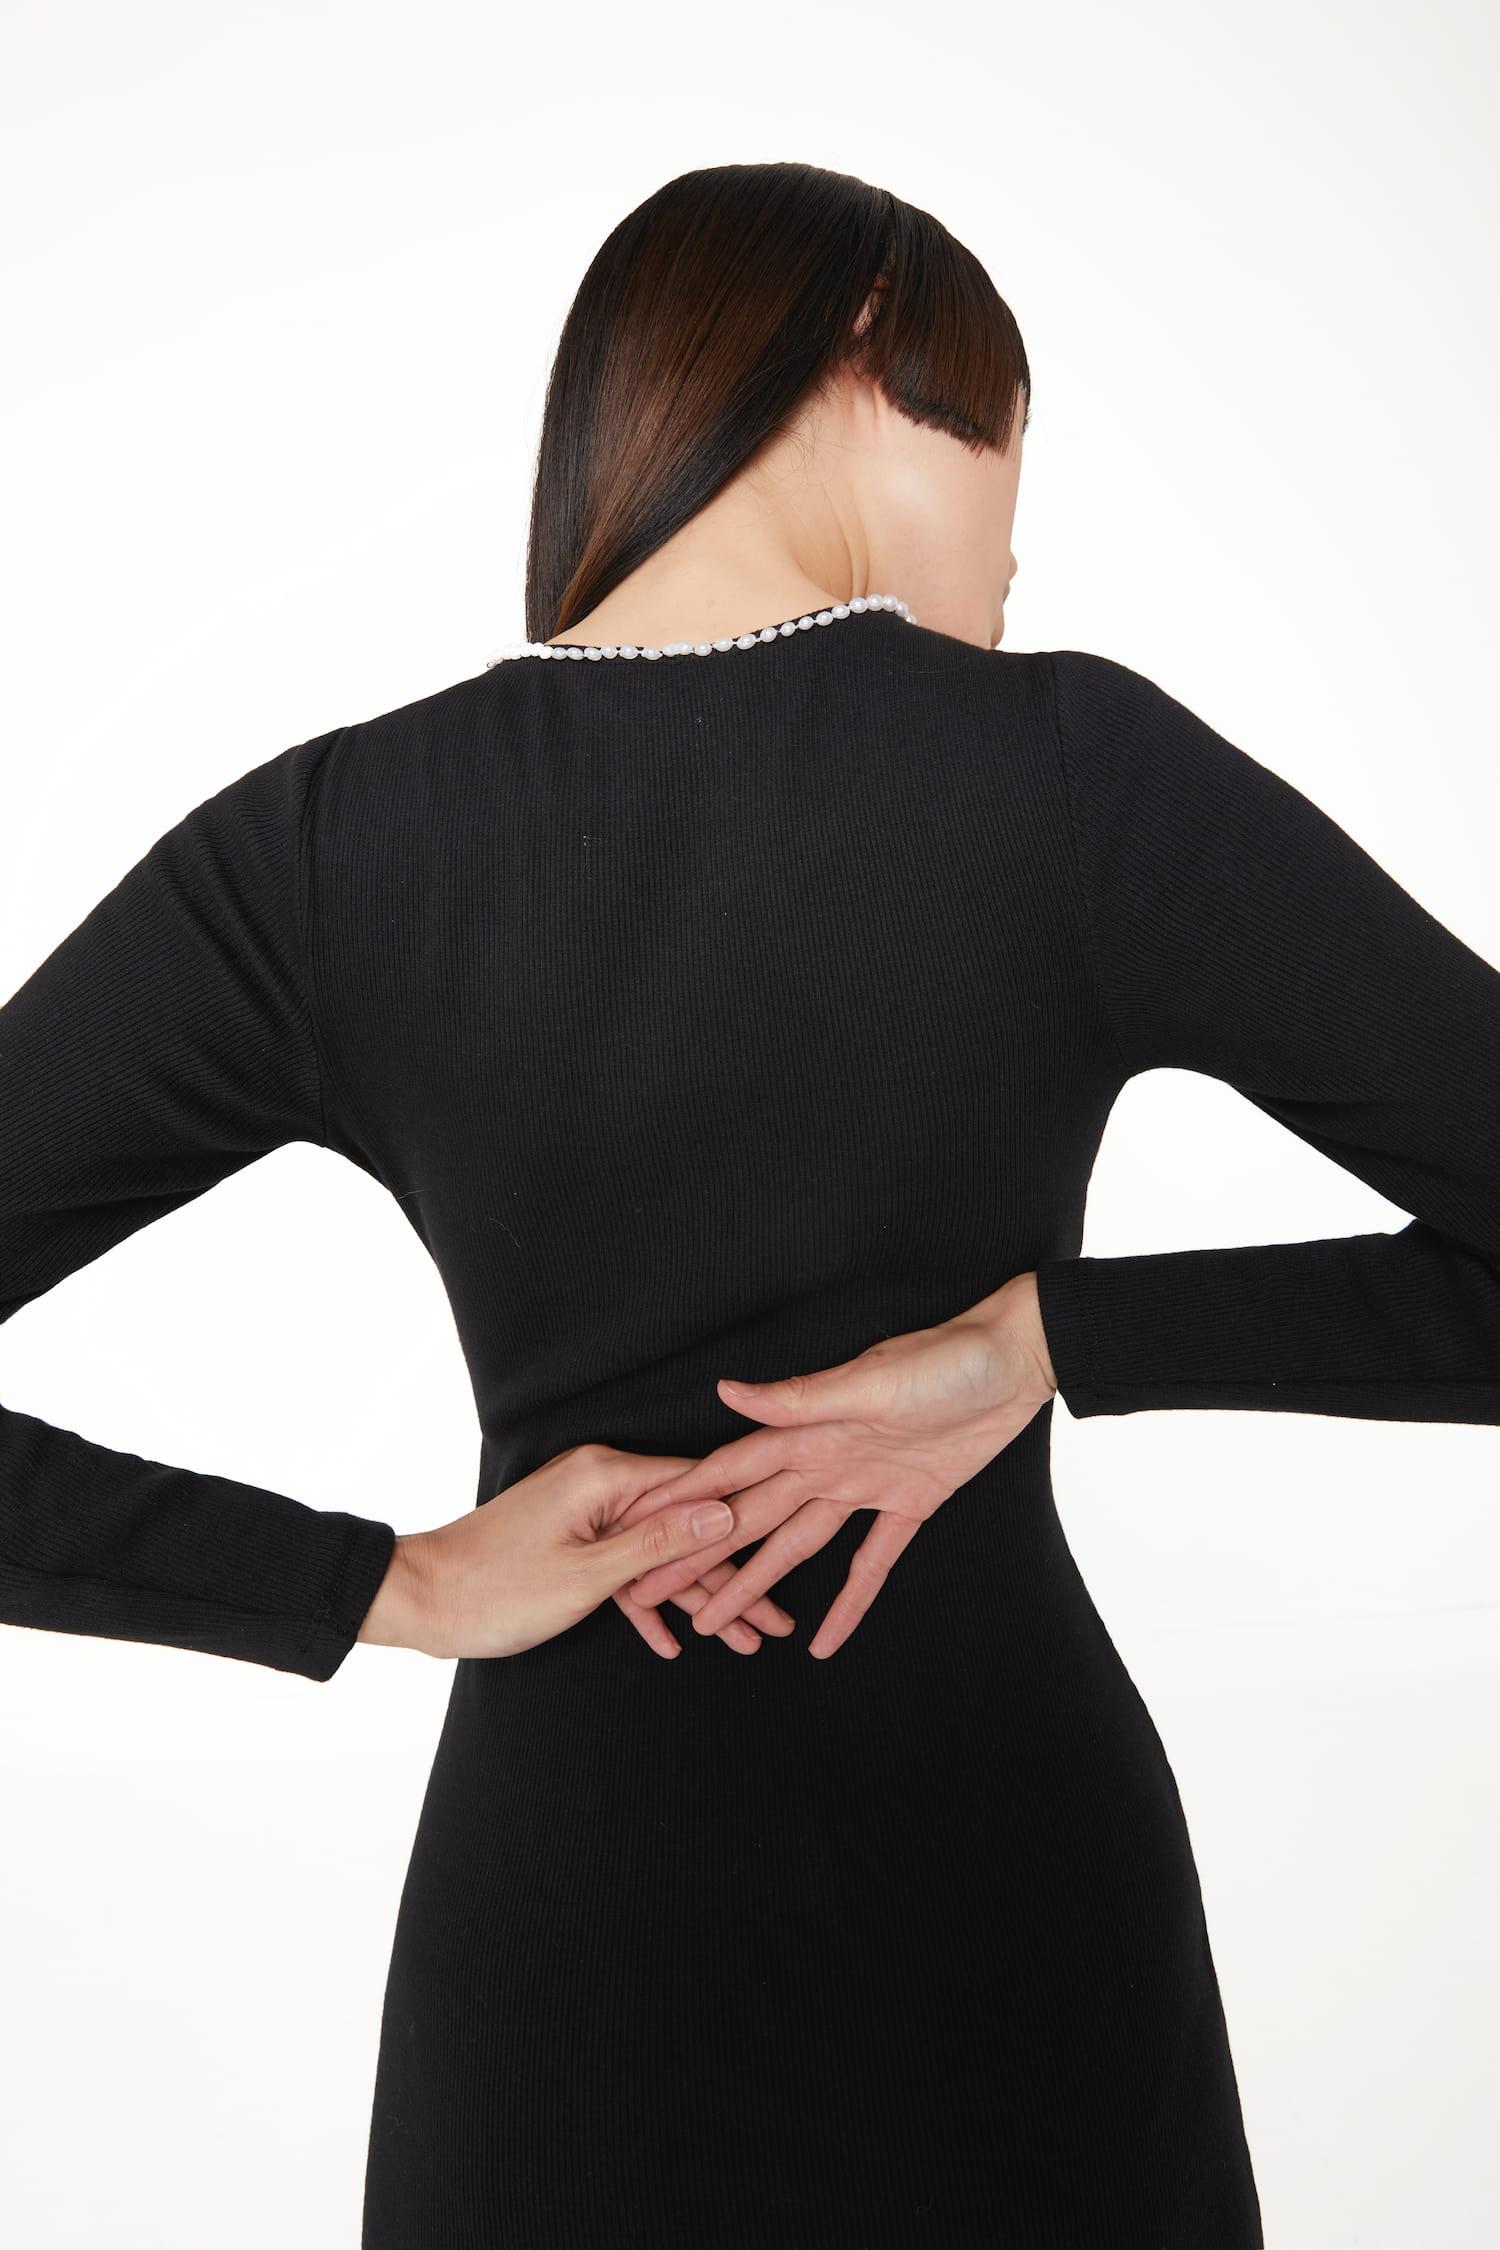 View 3 of model wearing Kmeya Maxi Dress in black.